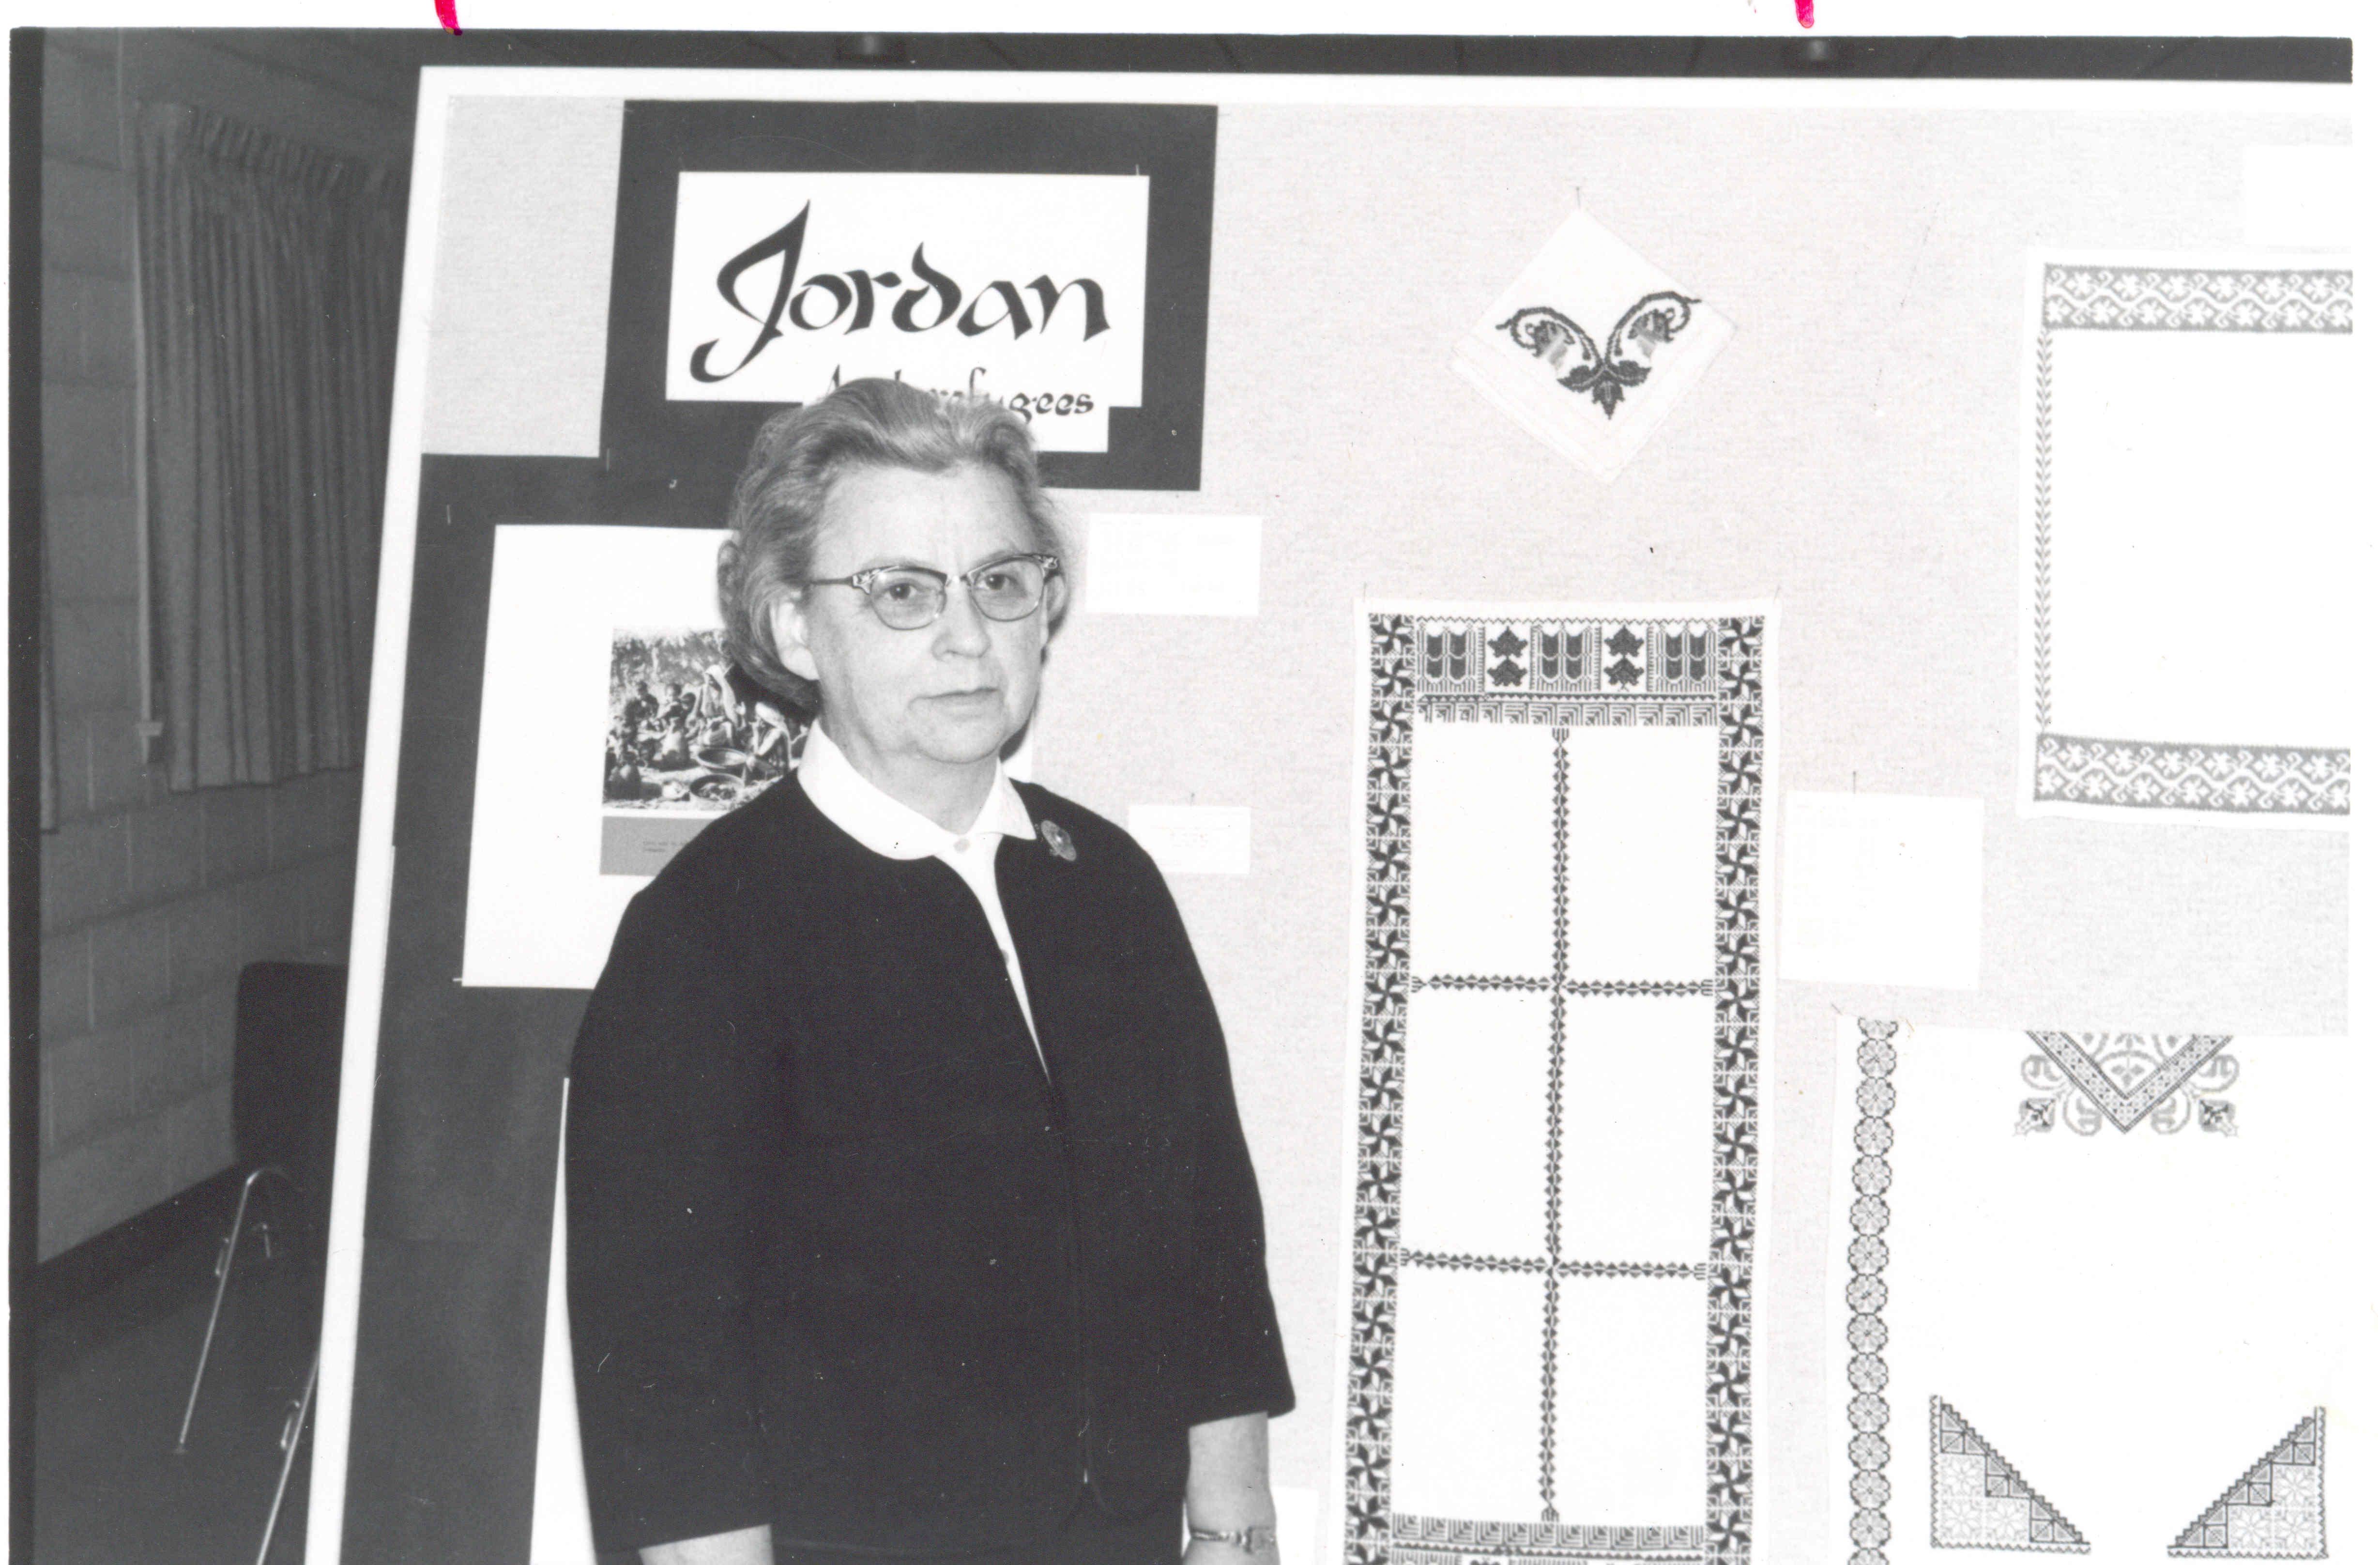 Edna Ruth Byler - Celebrating World Fair Trade Day